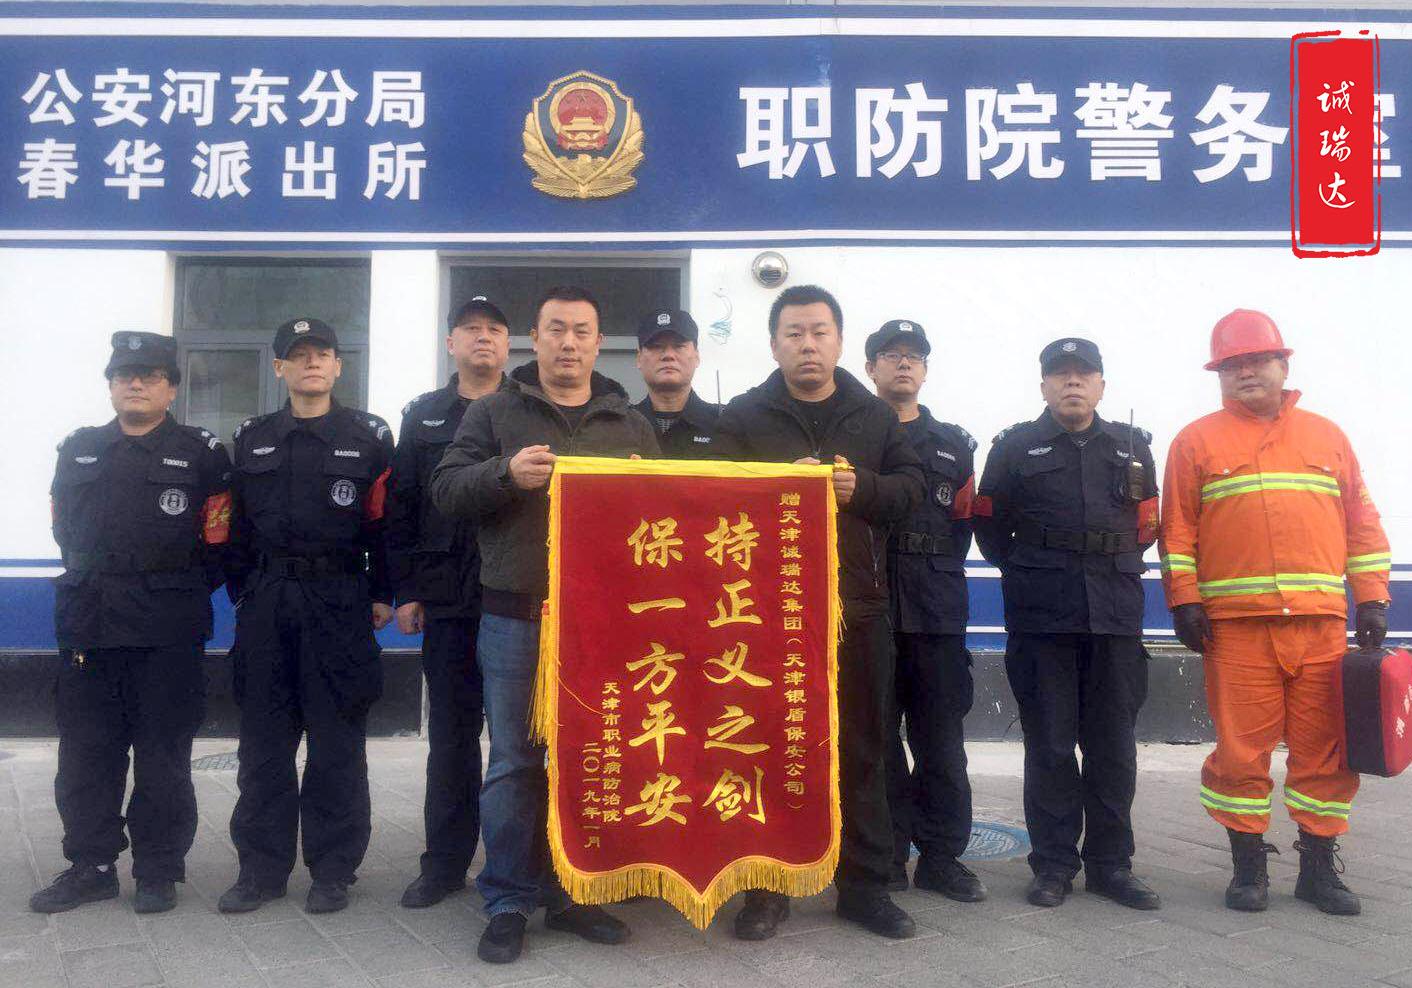 诚瑞达天津职业病防治院护卫项目部喜报